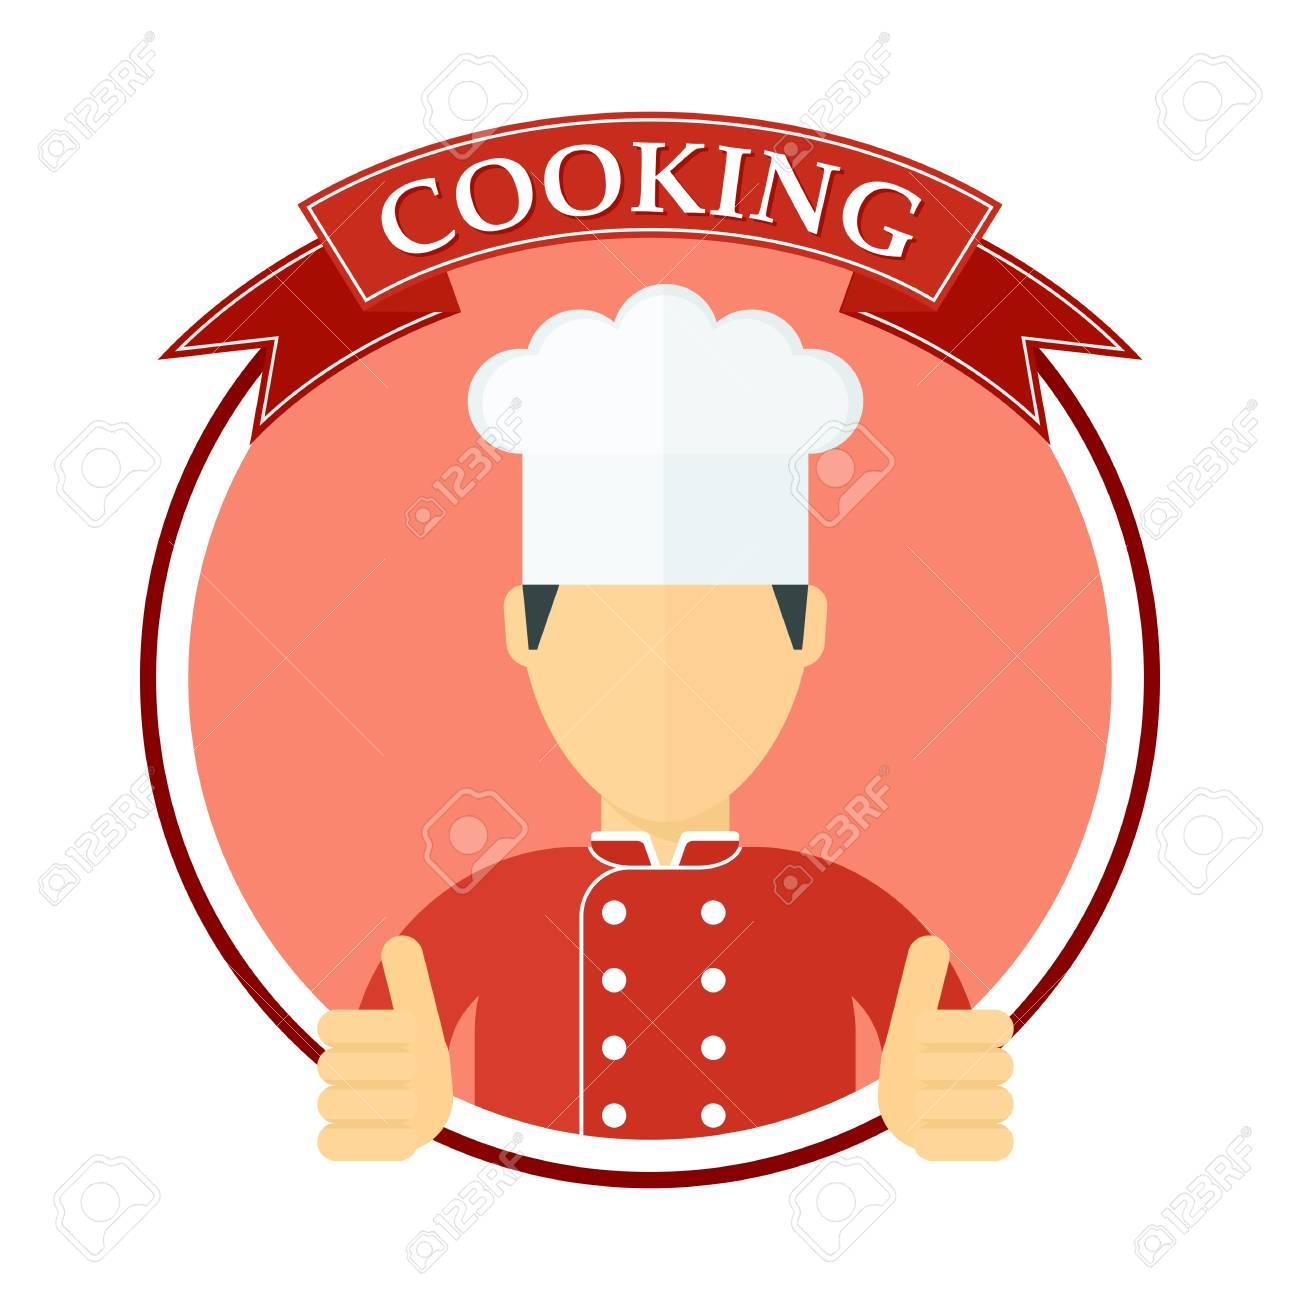 60006813-lo-chef-in-un-cappello-da-cuoco -modello-per-la-scheda-del-menu-brochure-presentazione-e-pubblicità-dei.jpg 8b059c97e51c